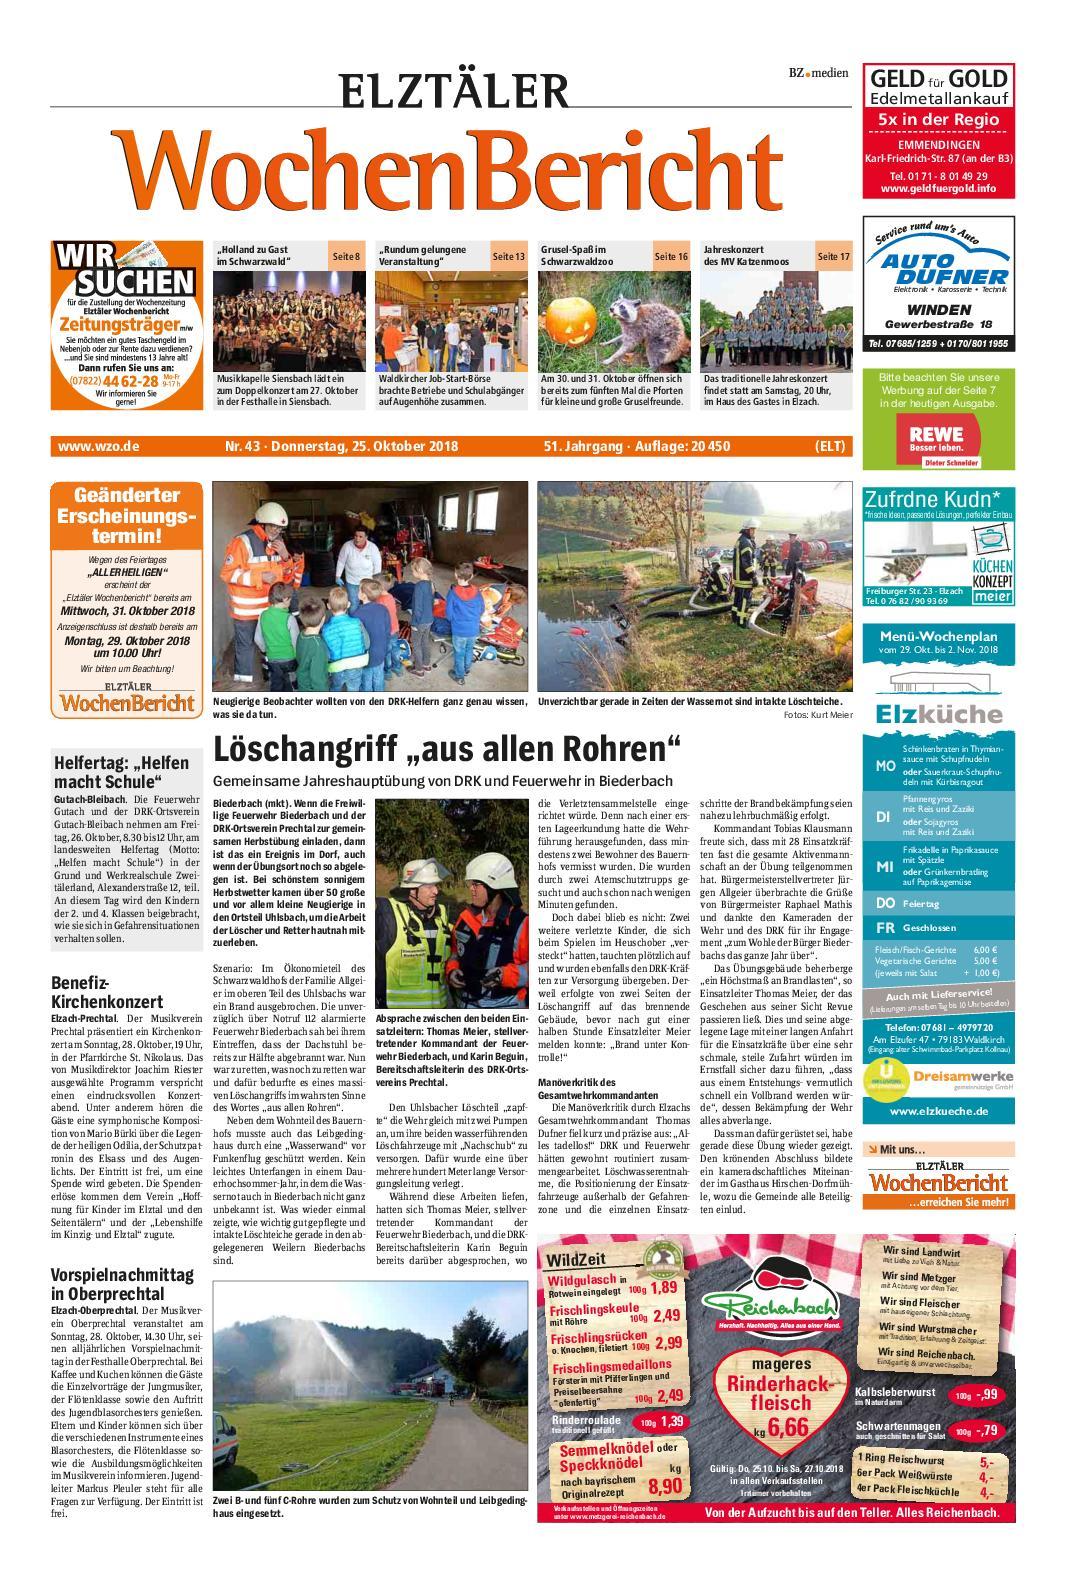 12 Monate mit Trulli: Geschichte einer großen Liebe (German Edition)